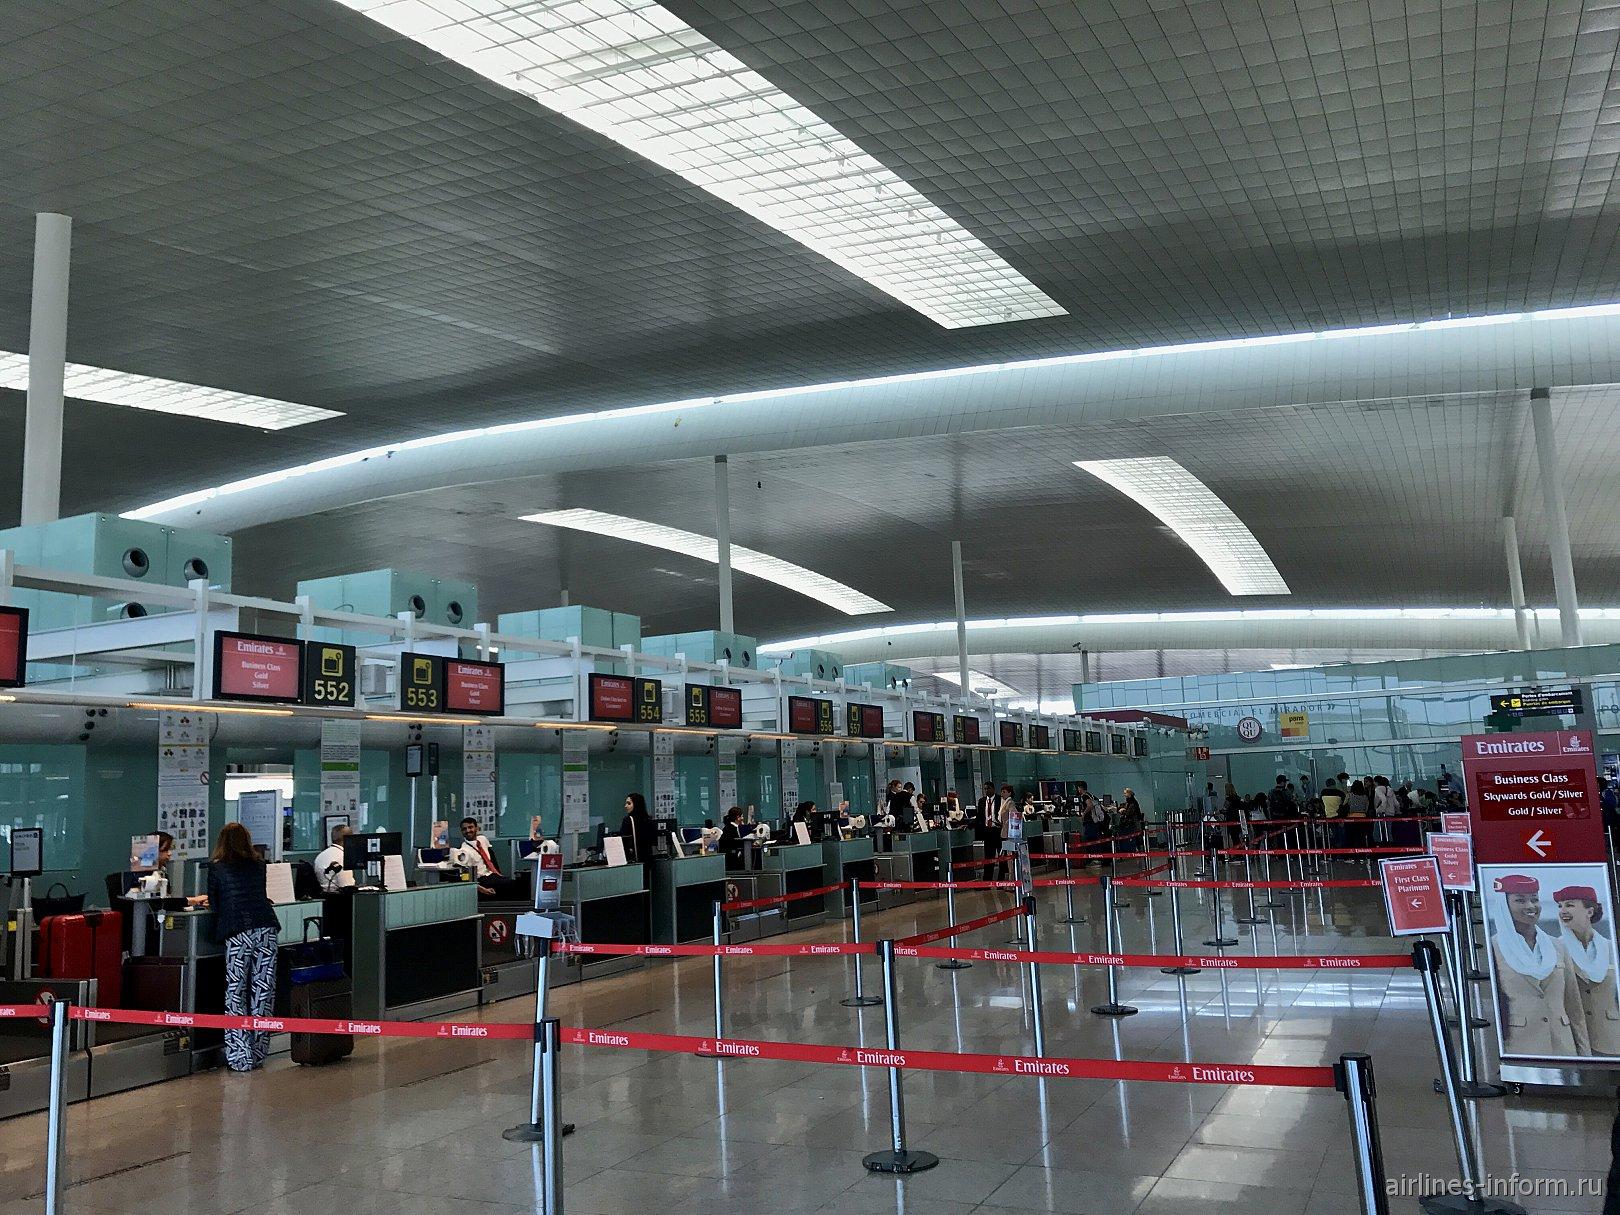 Регистрация на рейс авиакомпании Emirates в аэропорту Барселоны